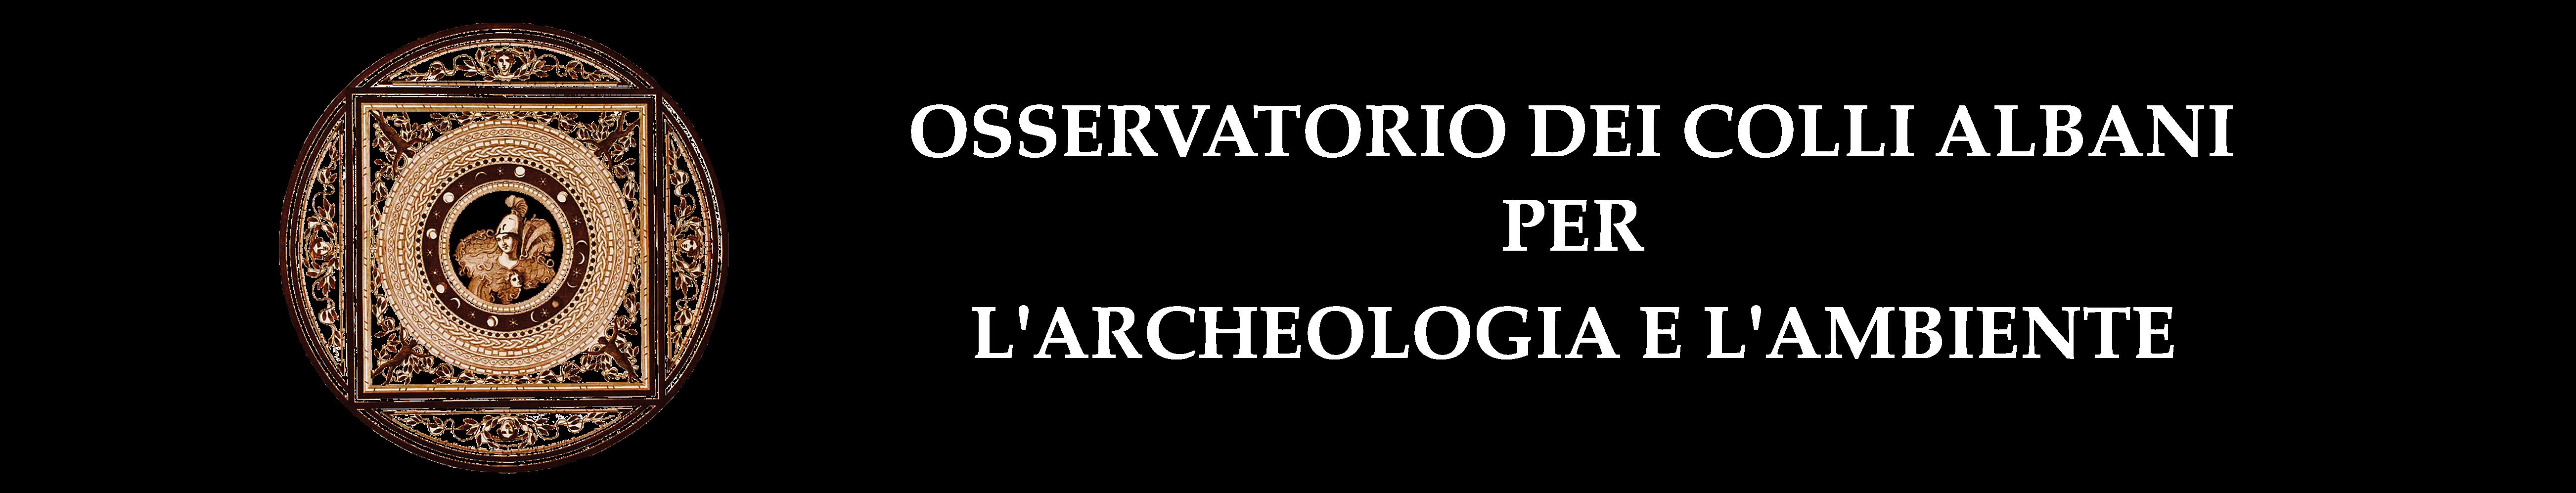 Osservatorio dei Colli Albani per l'Archeologia e l'Ambiente